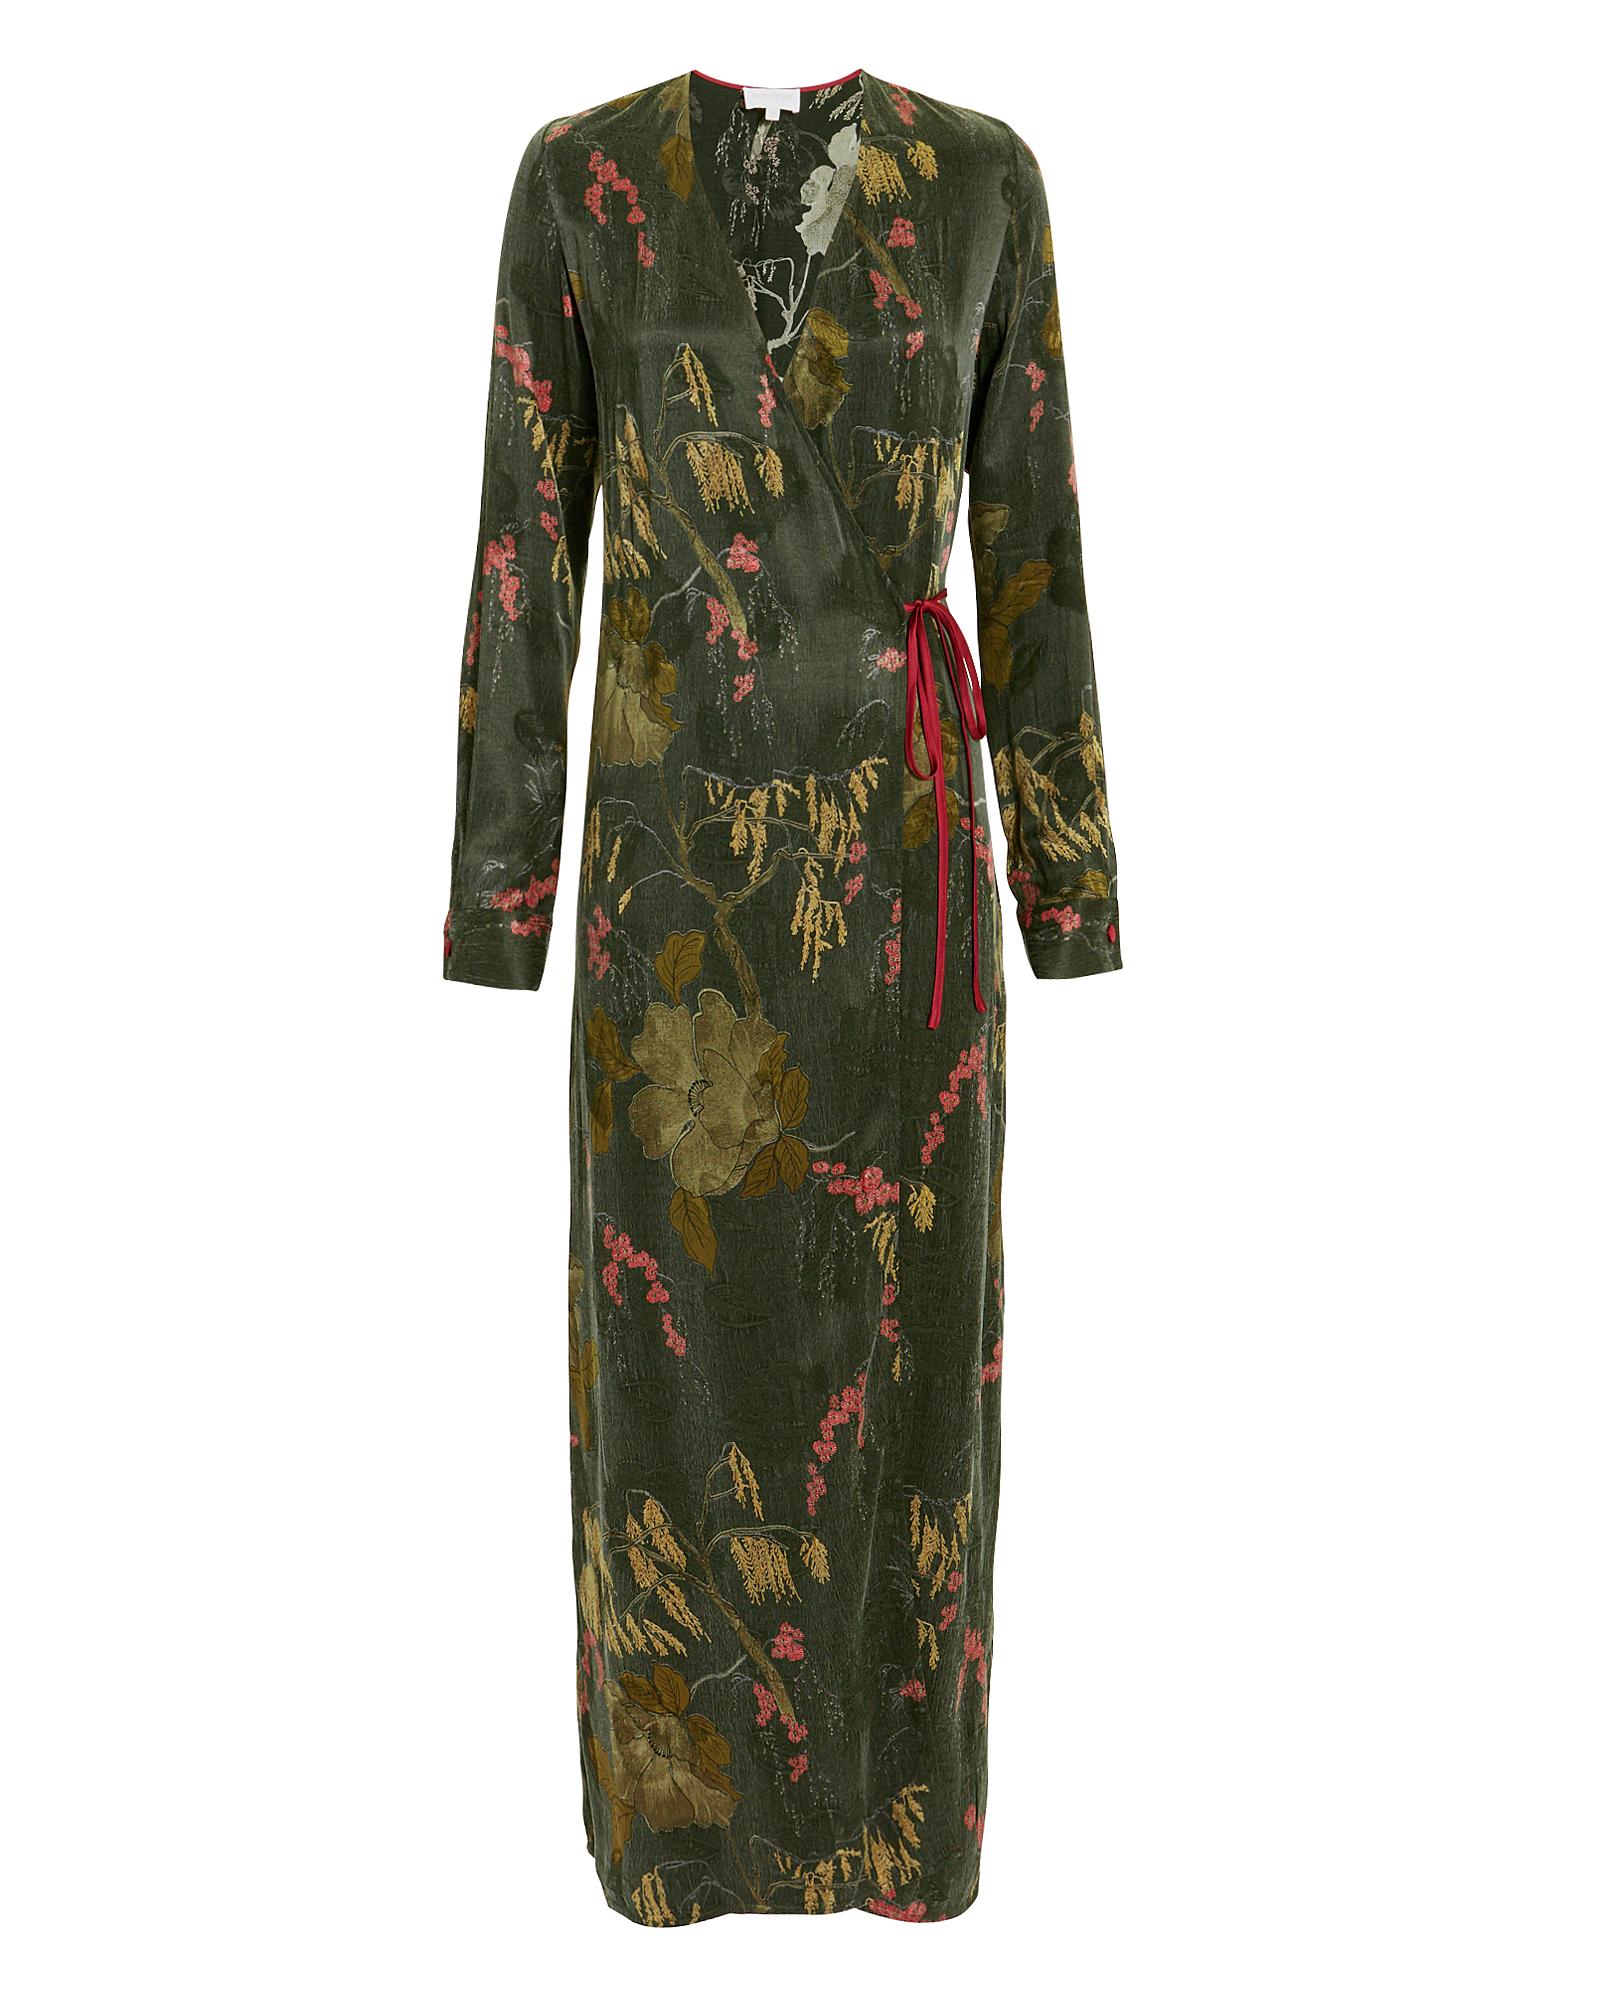 DEVINE HERITAGE Kimono Dress